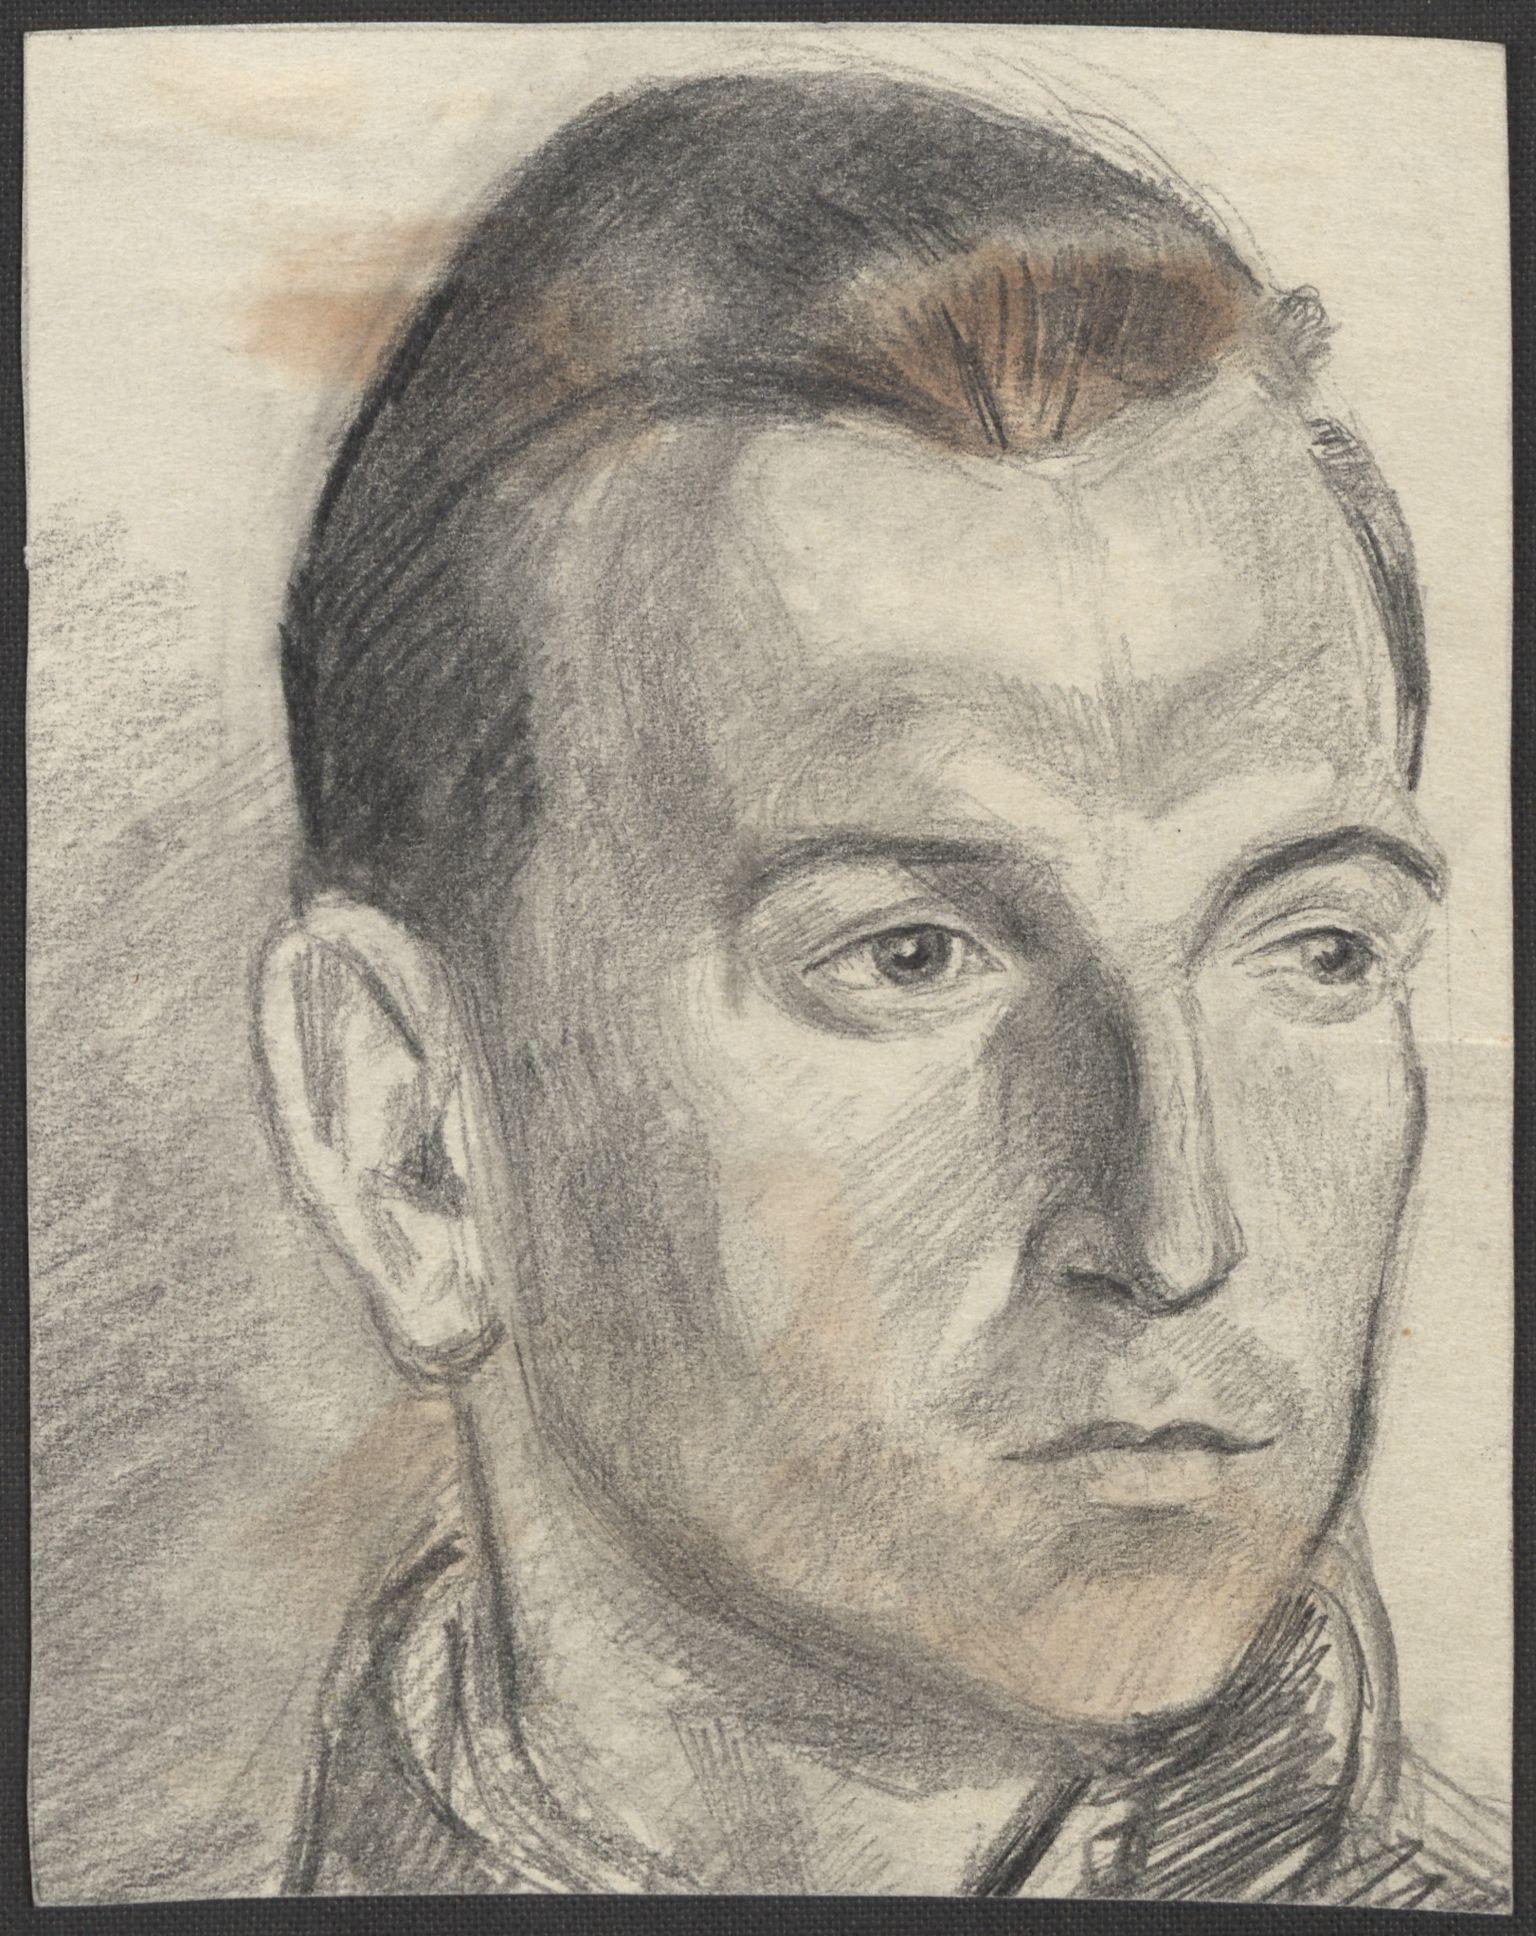 RA, Grøgaard, Joachim, F/L0002: Tegninger og tekster, 1942-1945, p. 47